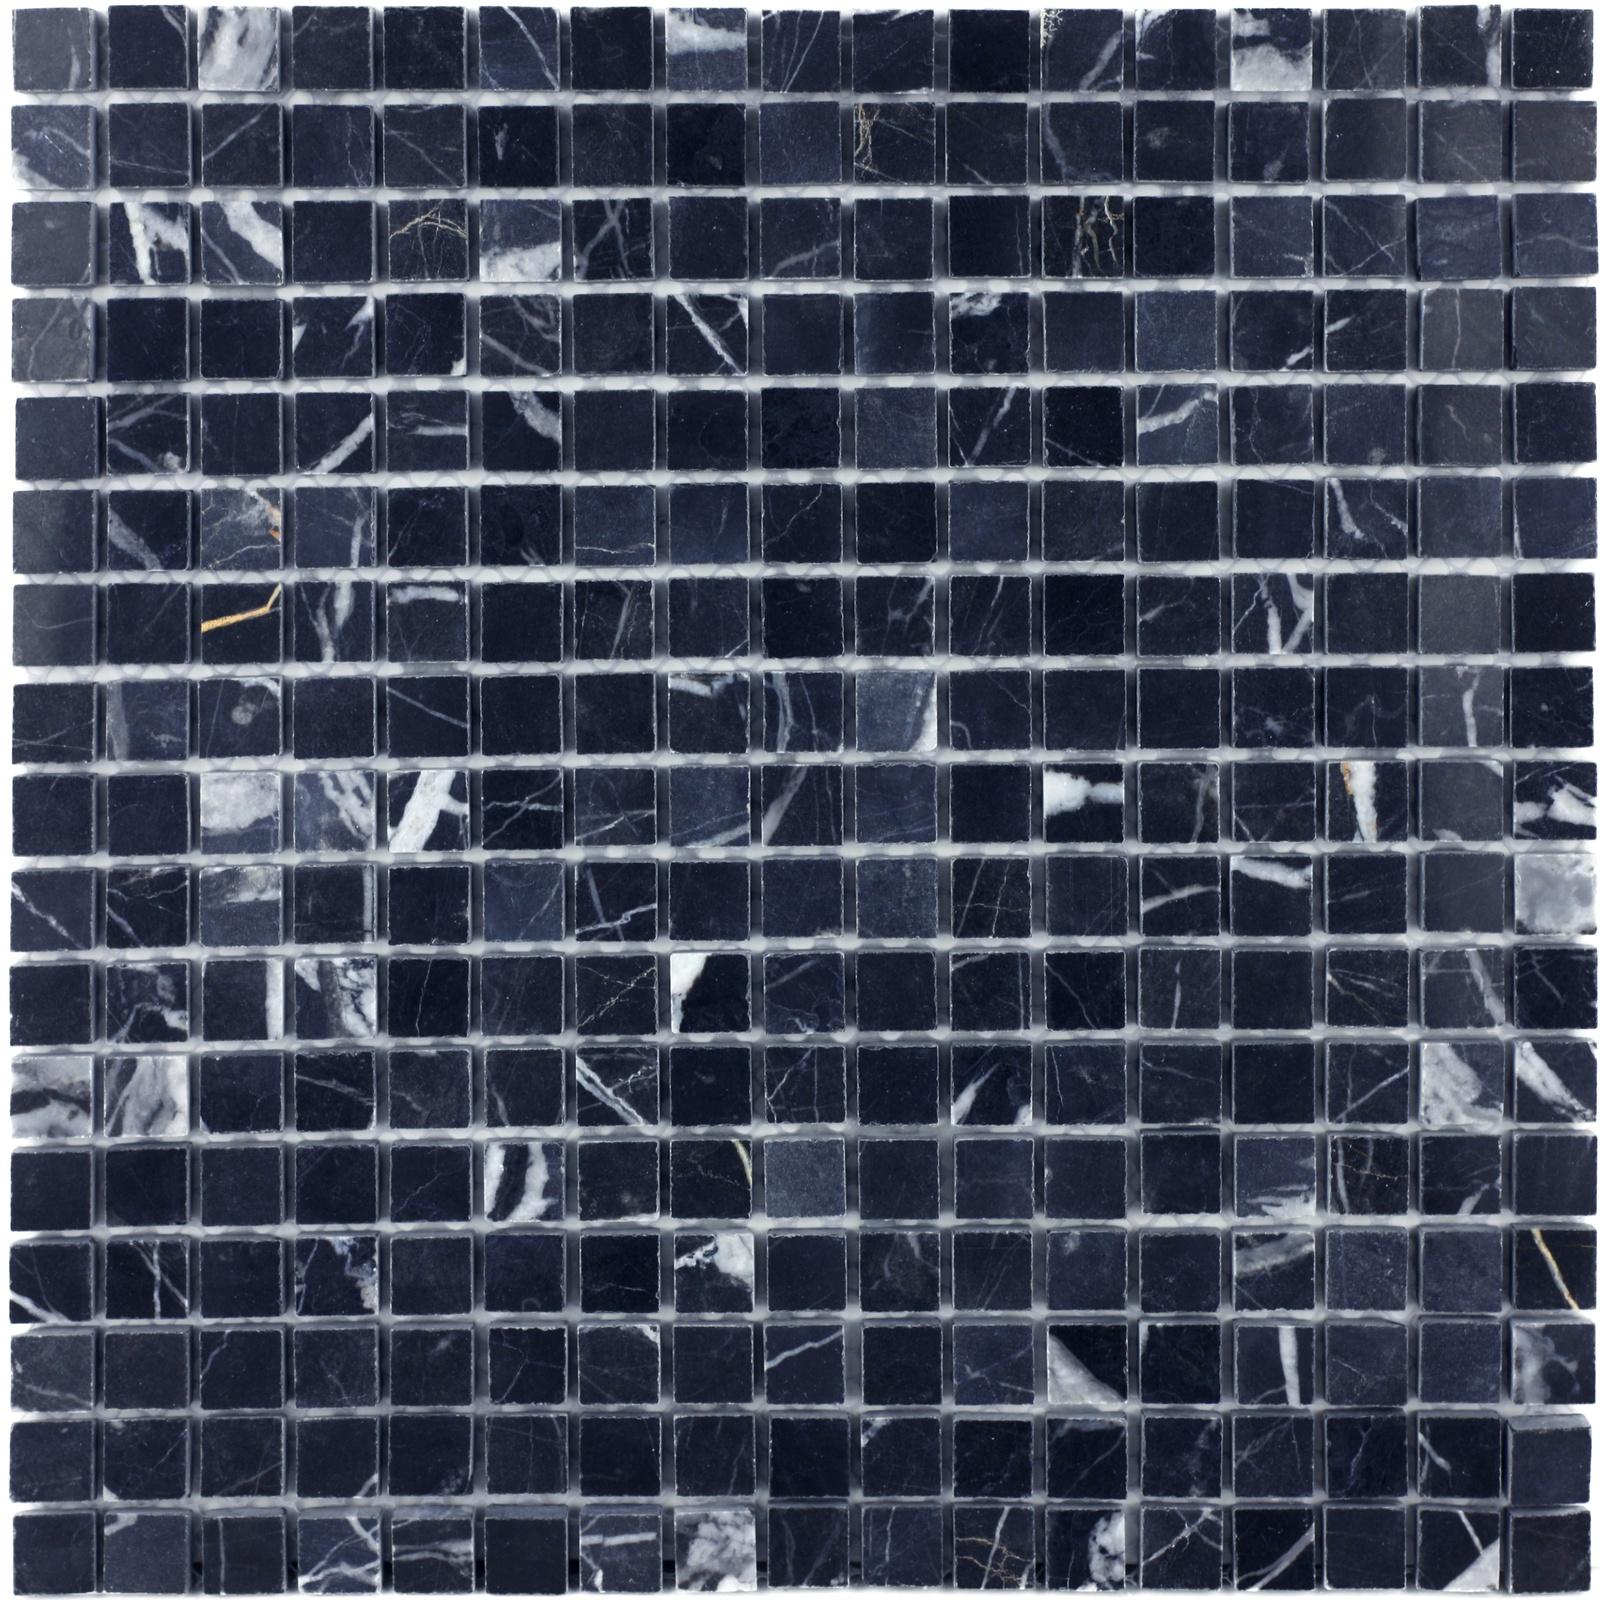 Мозаика из натурального камня Nero marquina POL 15x15x7 настенная плитка atlas concorde marvel stone nero marquina 50x110